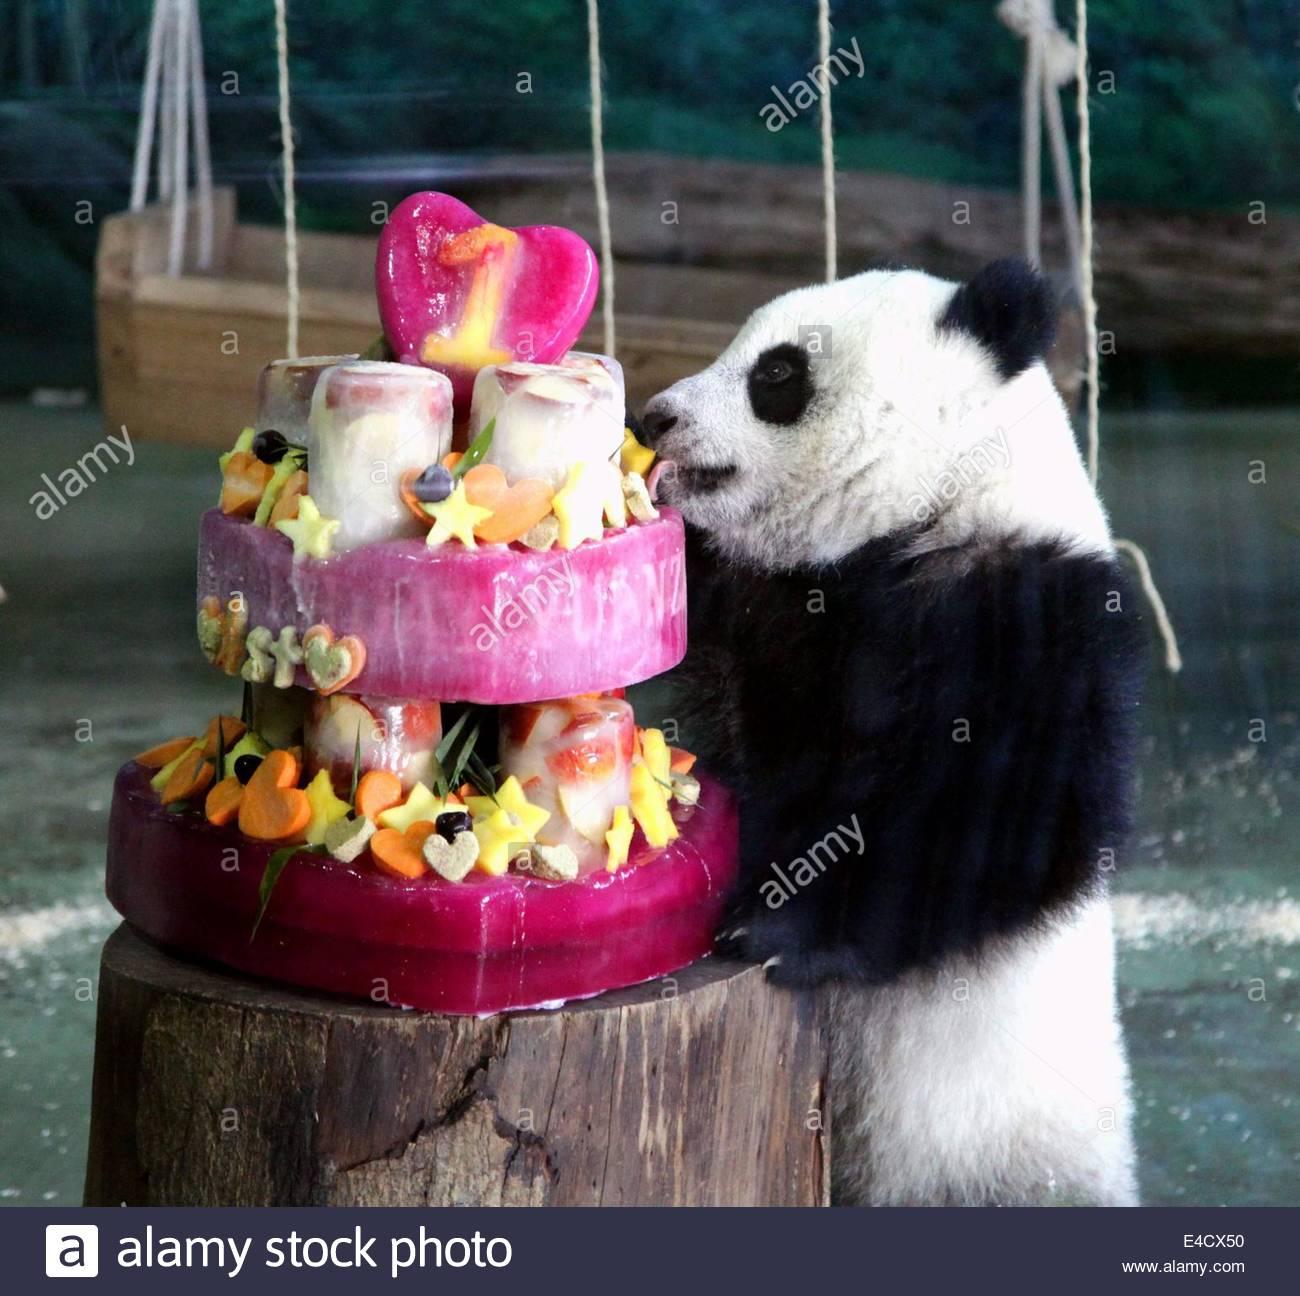 Panda Eating Birthday Cake 72583 Timehd